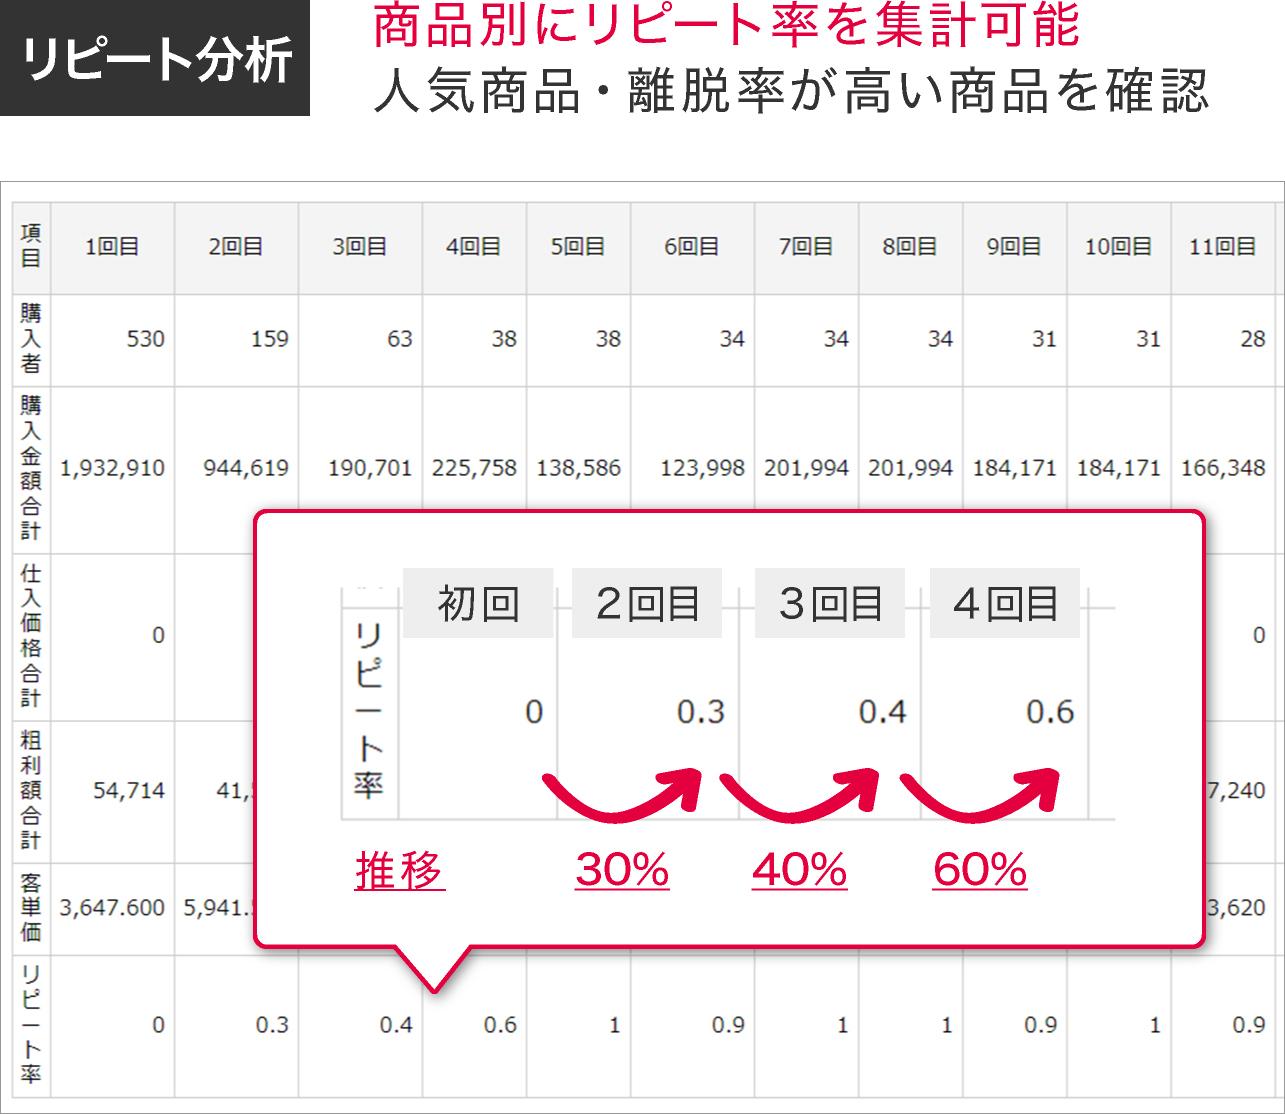 リピート分析 商品別にリピート率を集計可能人気商品・離脱率が高い商品を確認